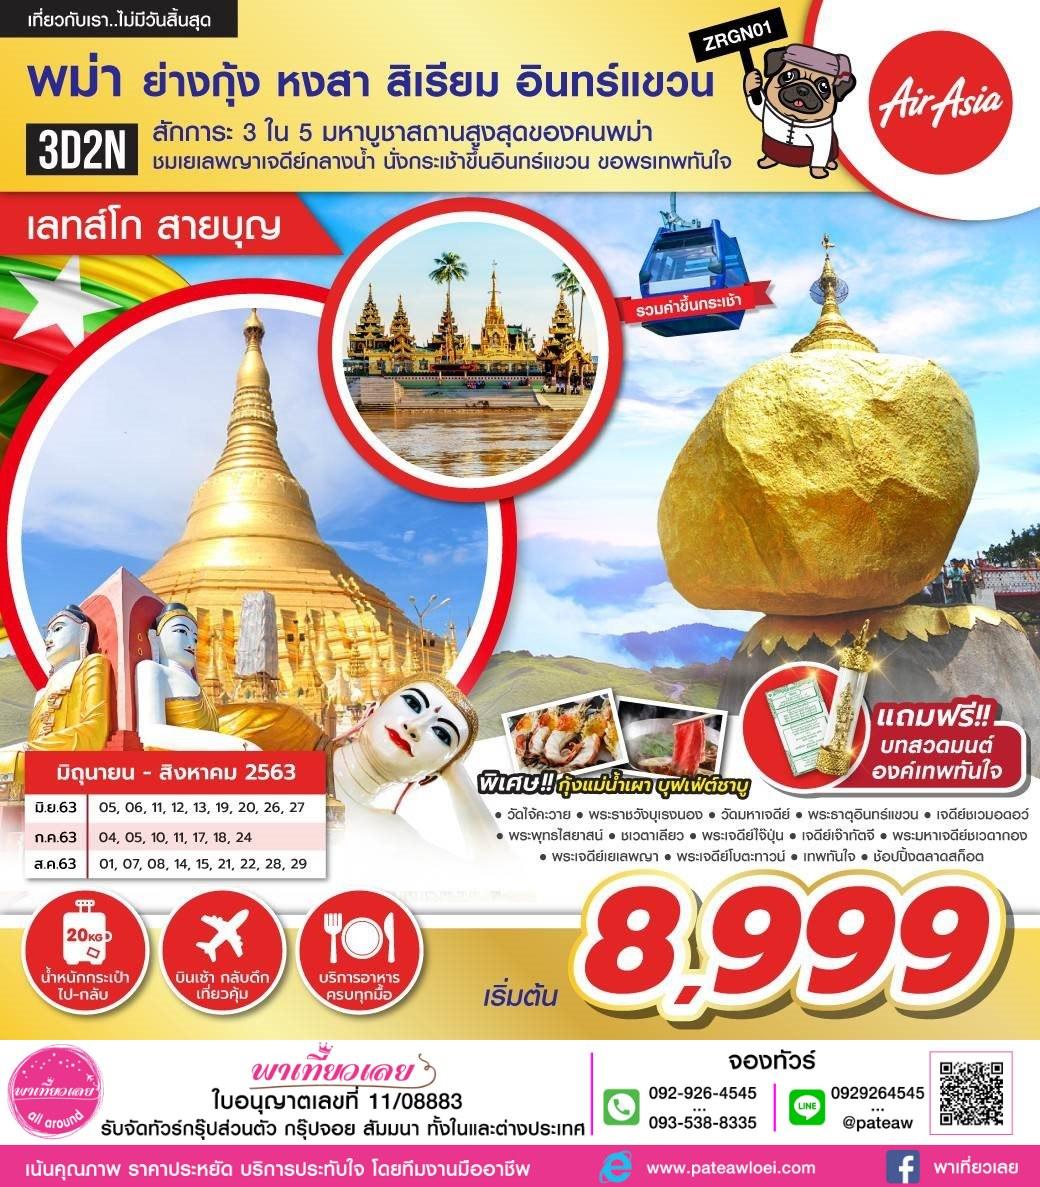 พม่า ย่างกุ้ง หงสา สิเรียม อินทร์แขวน เลทส์โก สายบุญ 3วัน 2คืน